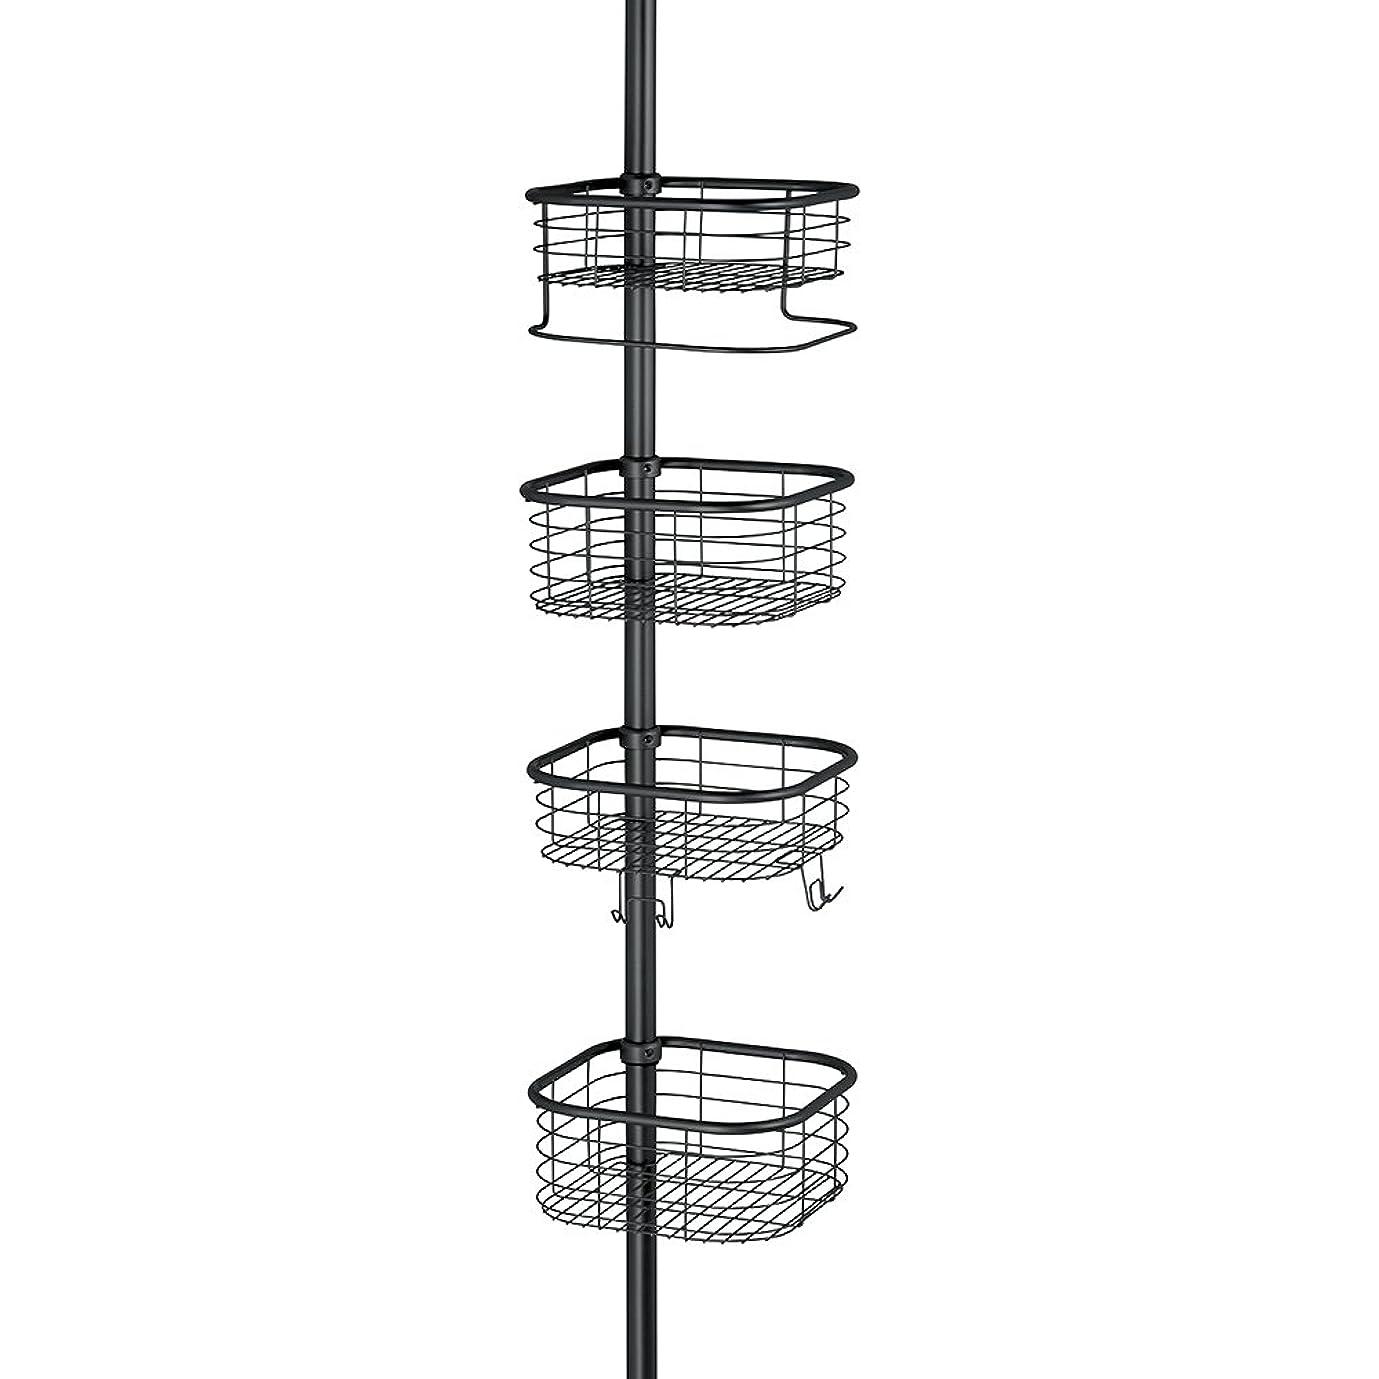 するだろうアパル定義するInterDesign 縦型 突っ張り棒 伸縮棒 シャワー コーナー 四角 バスケット付き ポール Forma ブラック 43167EJ